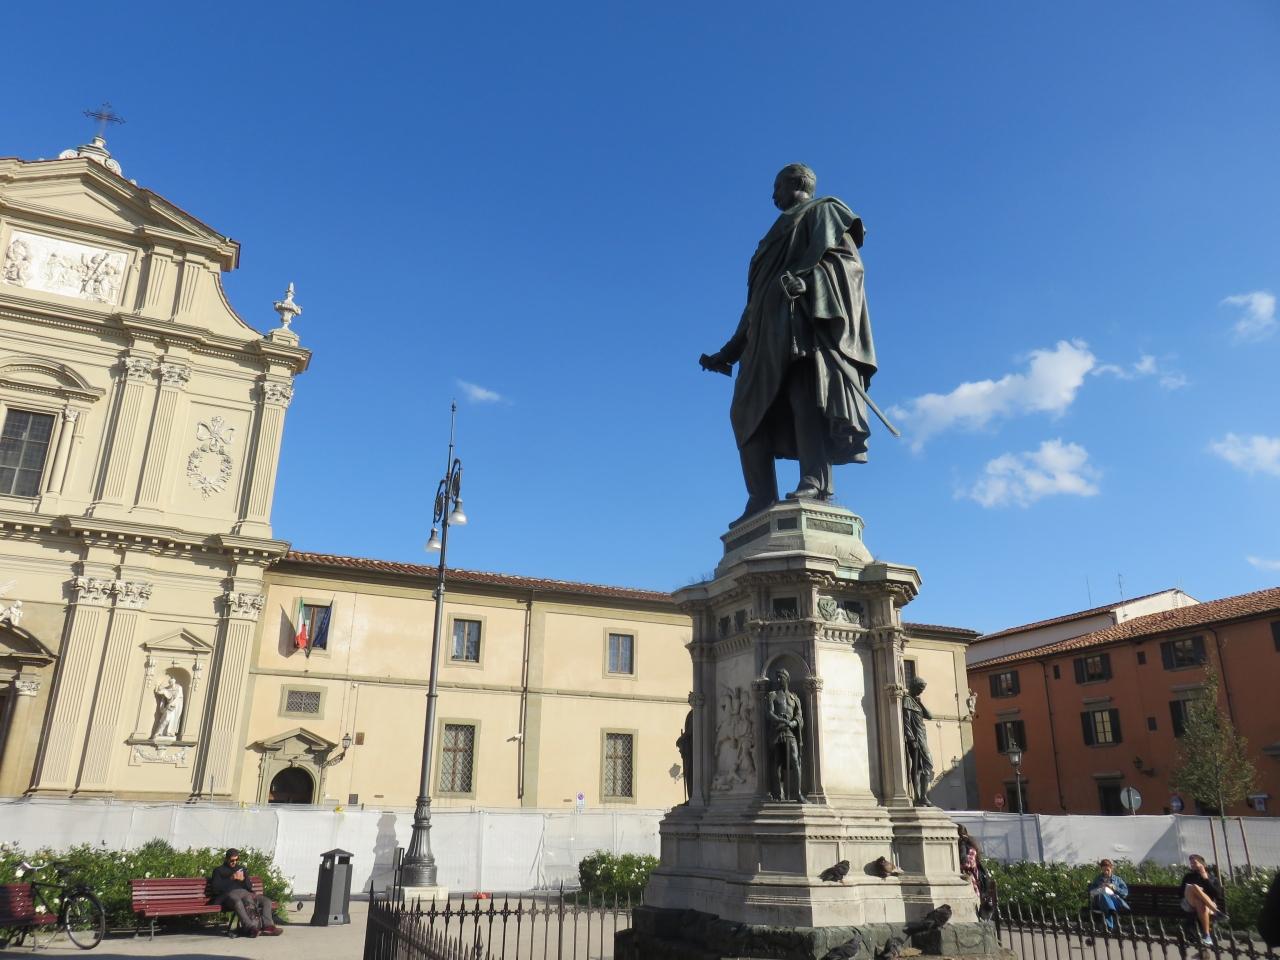 フィレンツェ歴史地区の画像 p1_20